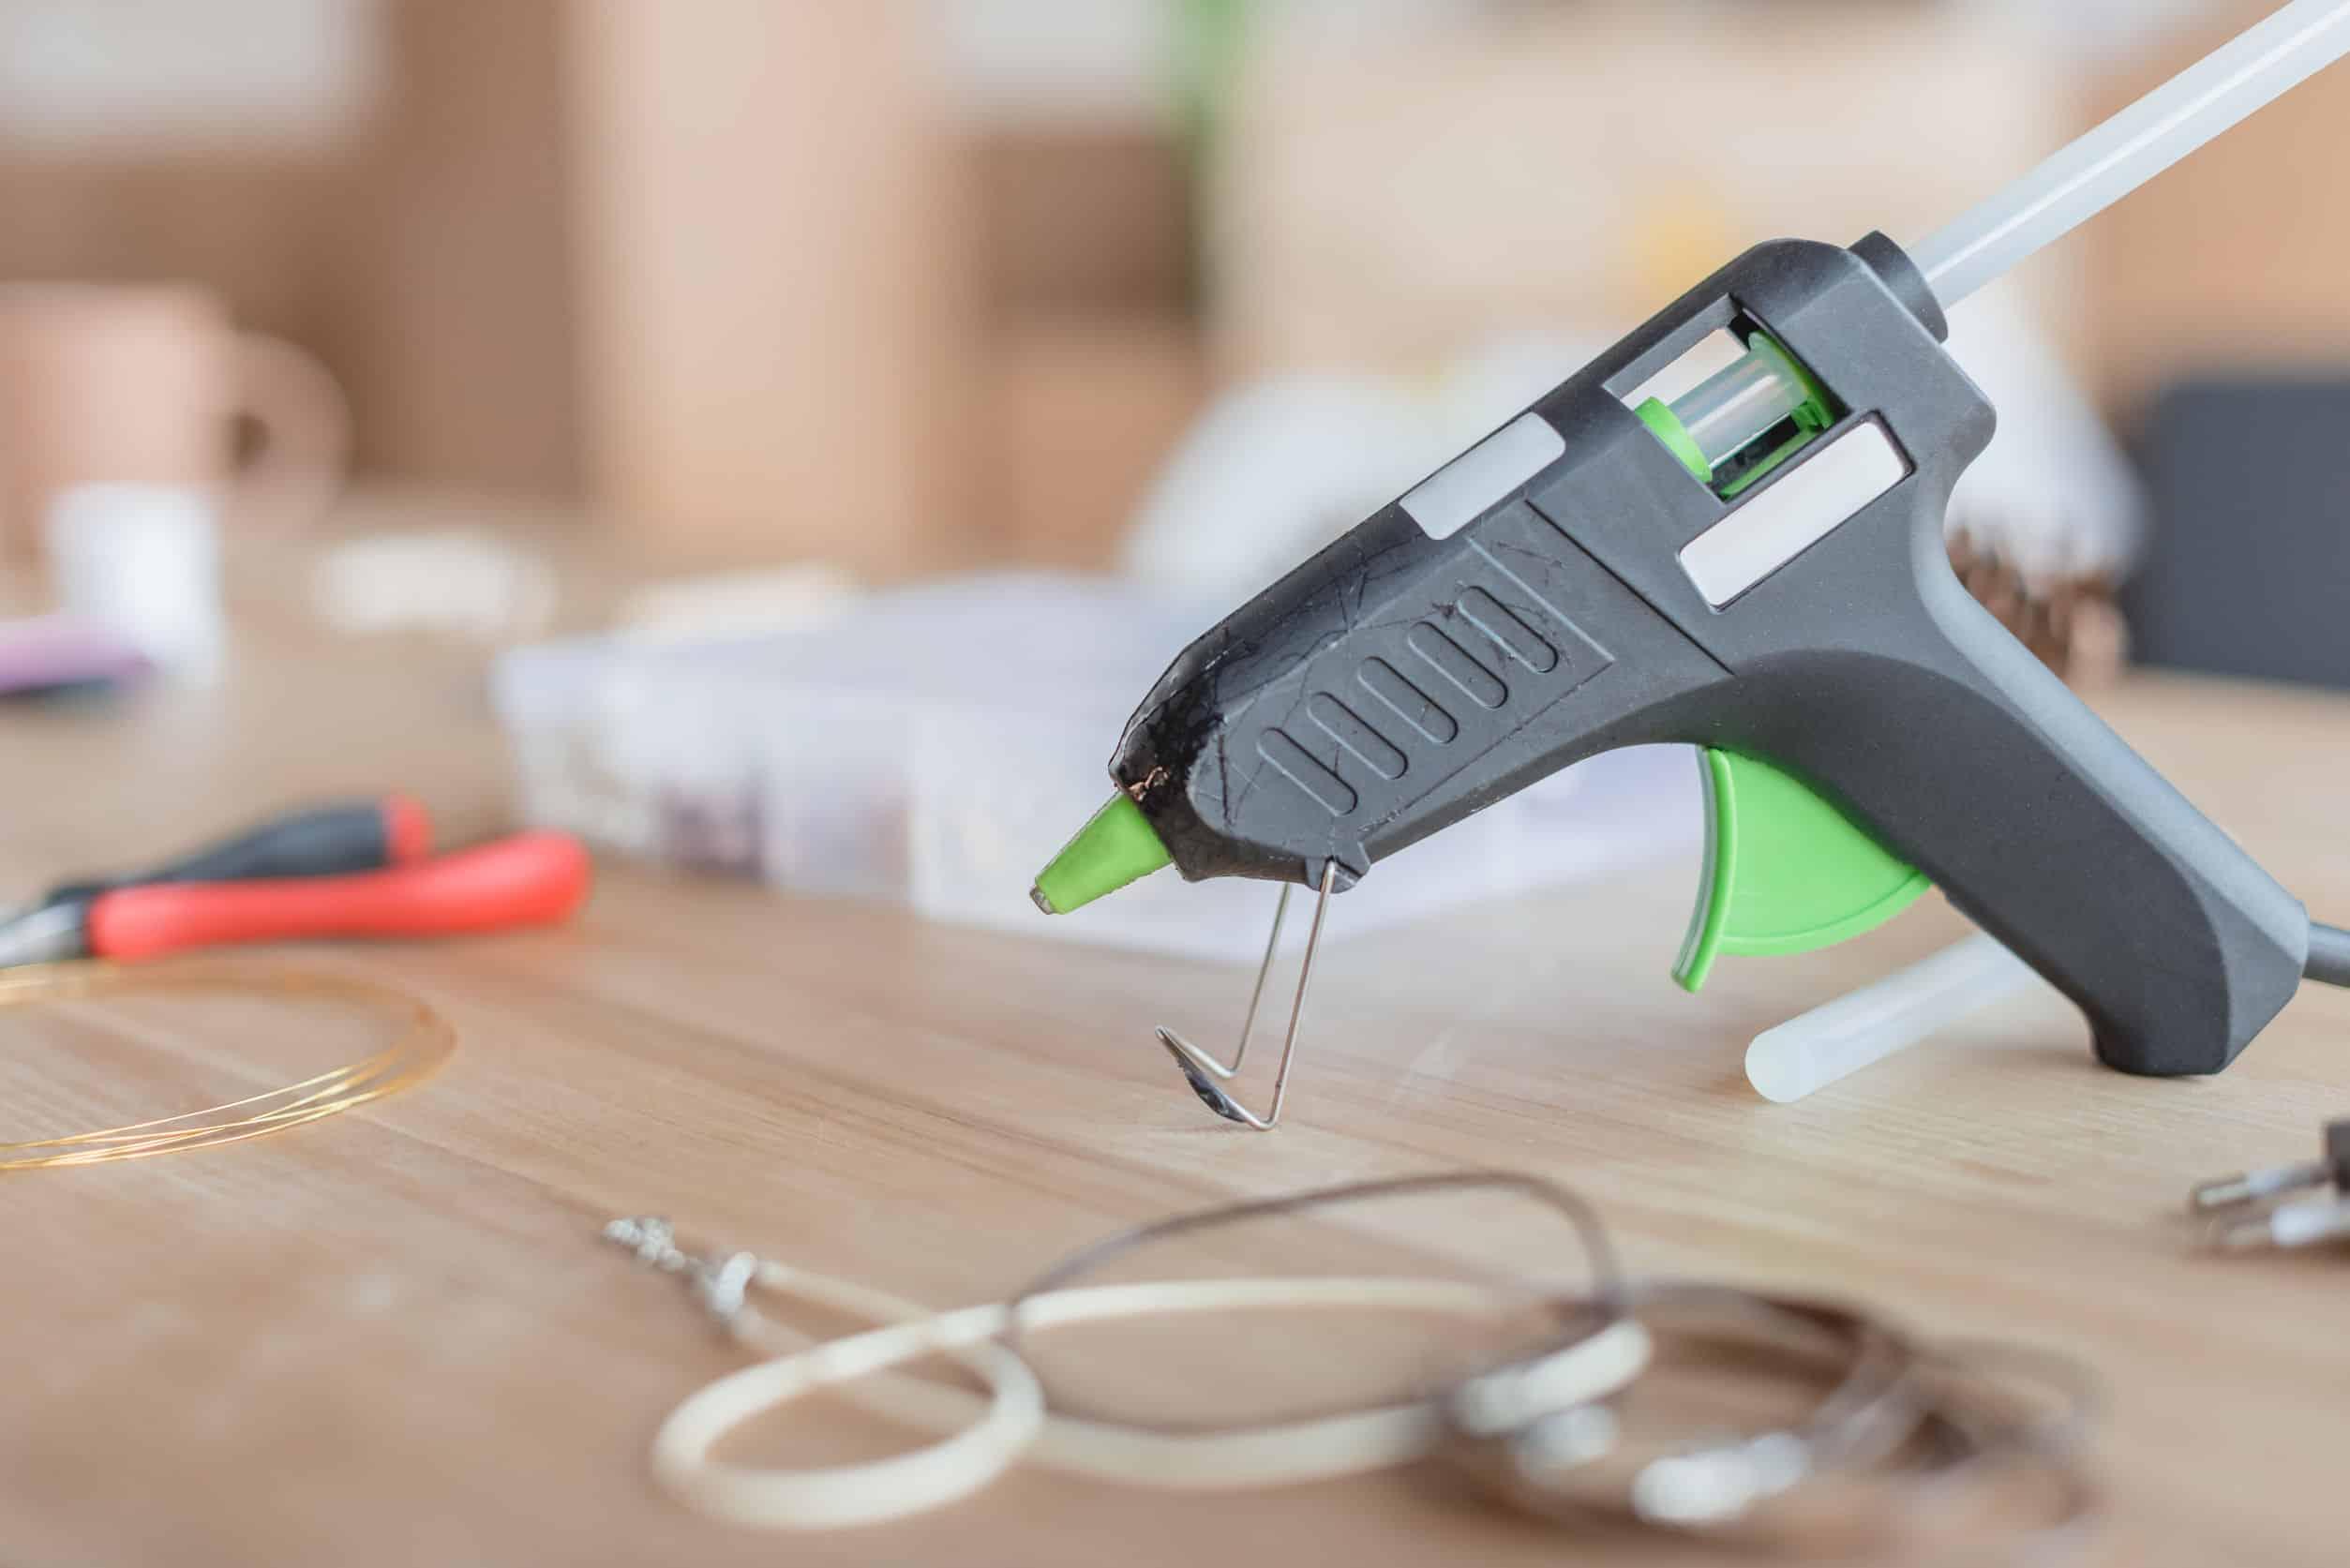 Heißklebepistole: Test & Empfehlungen (10/20)